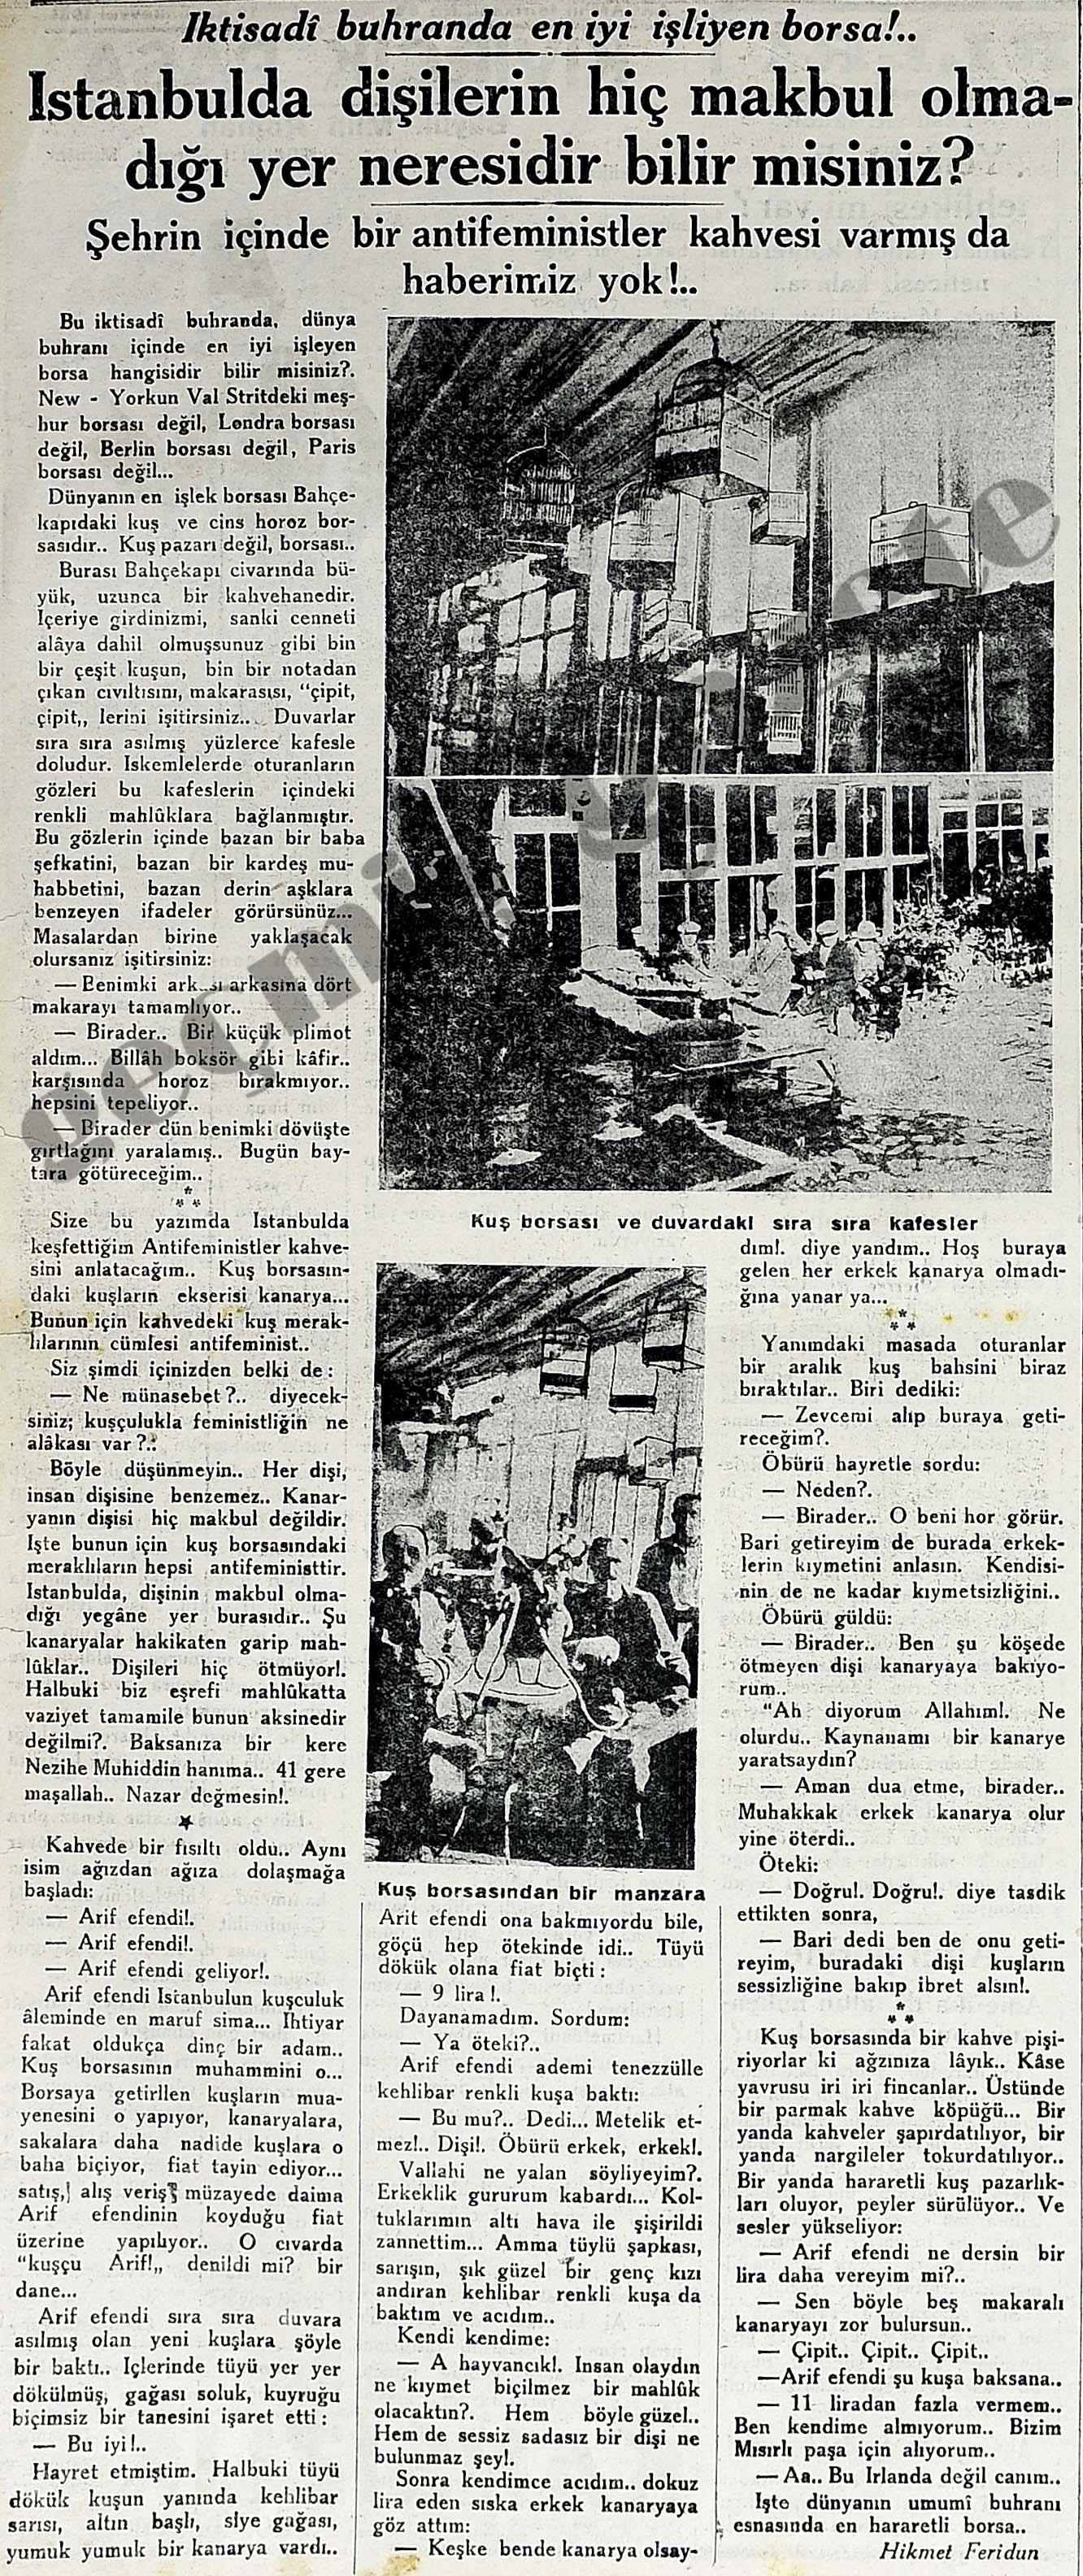 İstanbulda dişilerin hiç makbul olmadığı yer neresidir bilir misiniz?